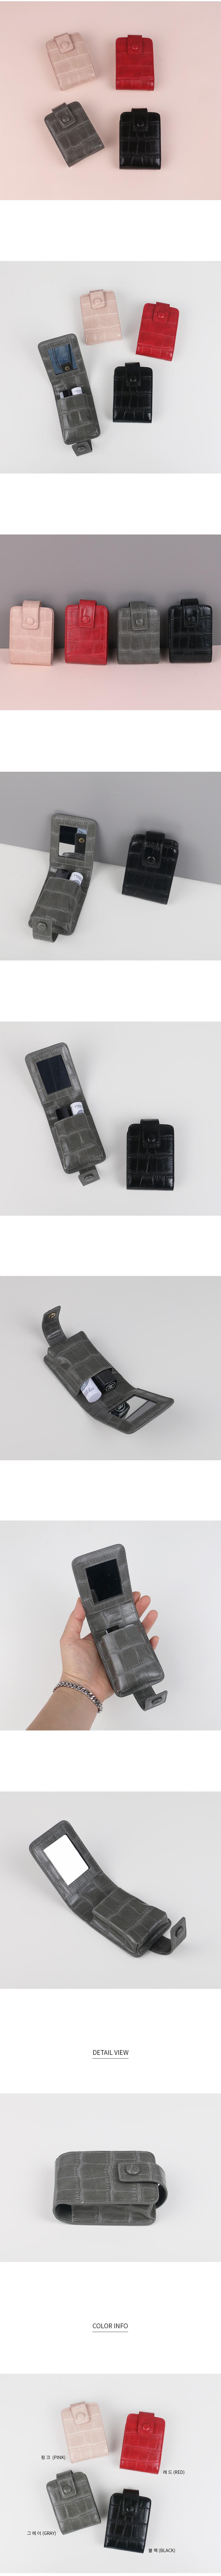 매트 크로커 거울 립스틱파우치 - 릴리, 24,900원, 다용도파우치, 지퍼형